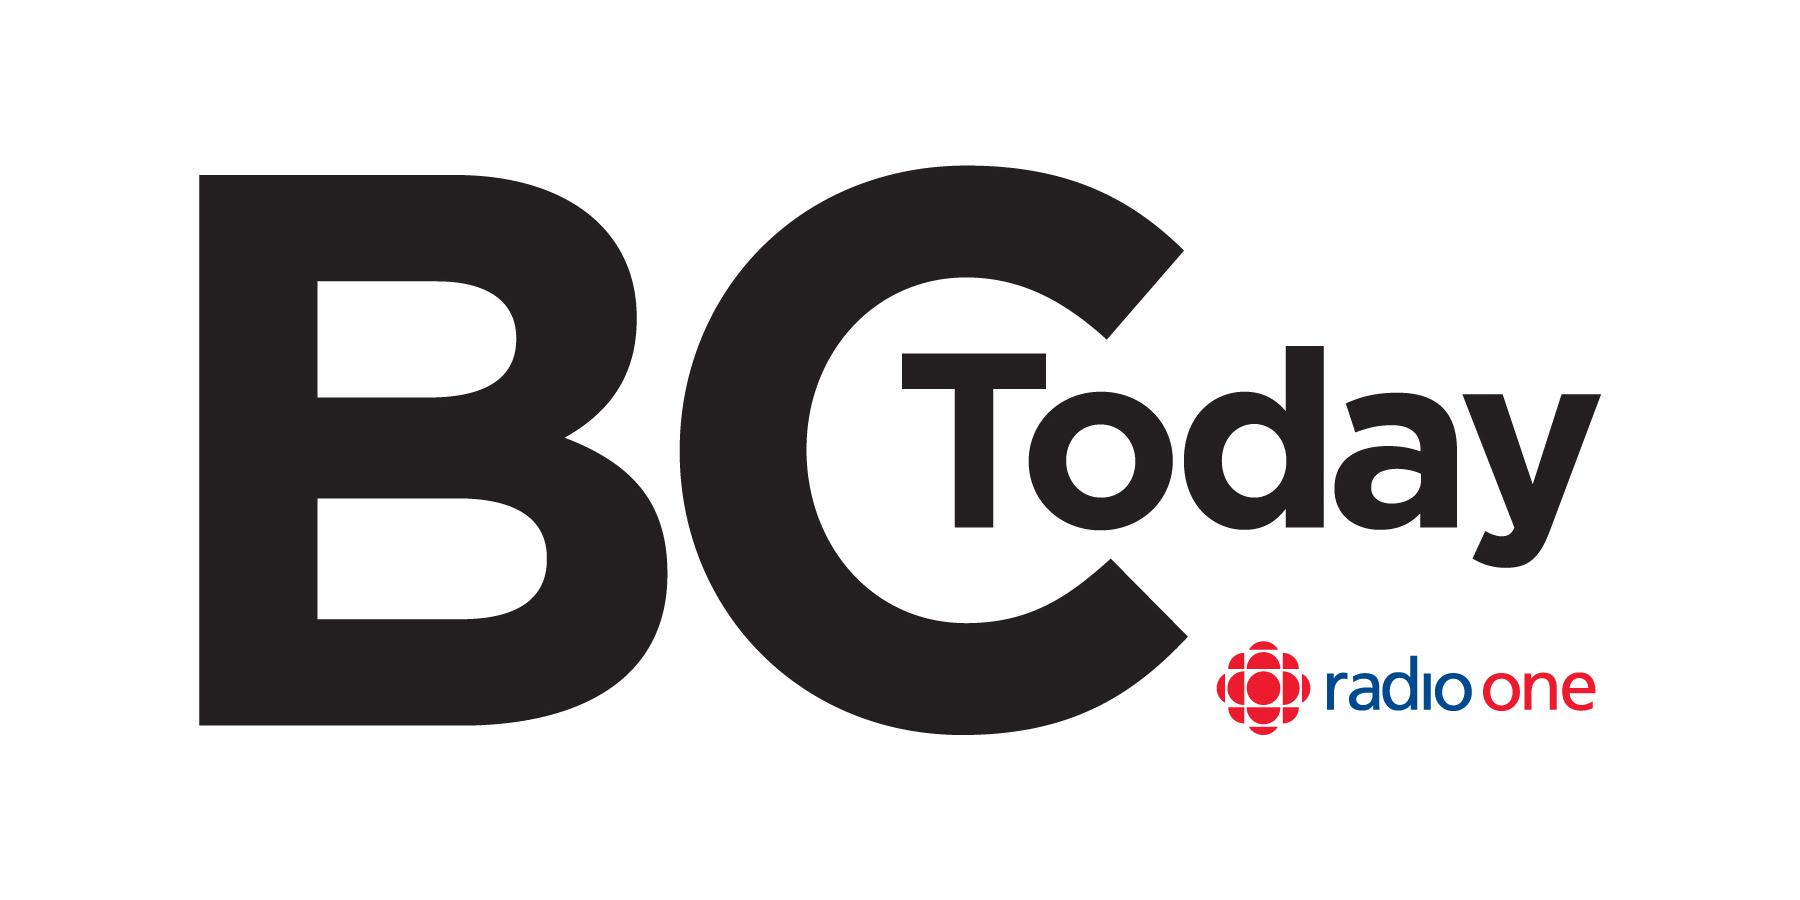 Cbc Vancouver News